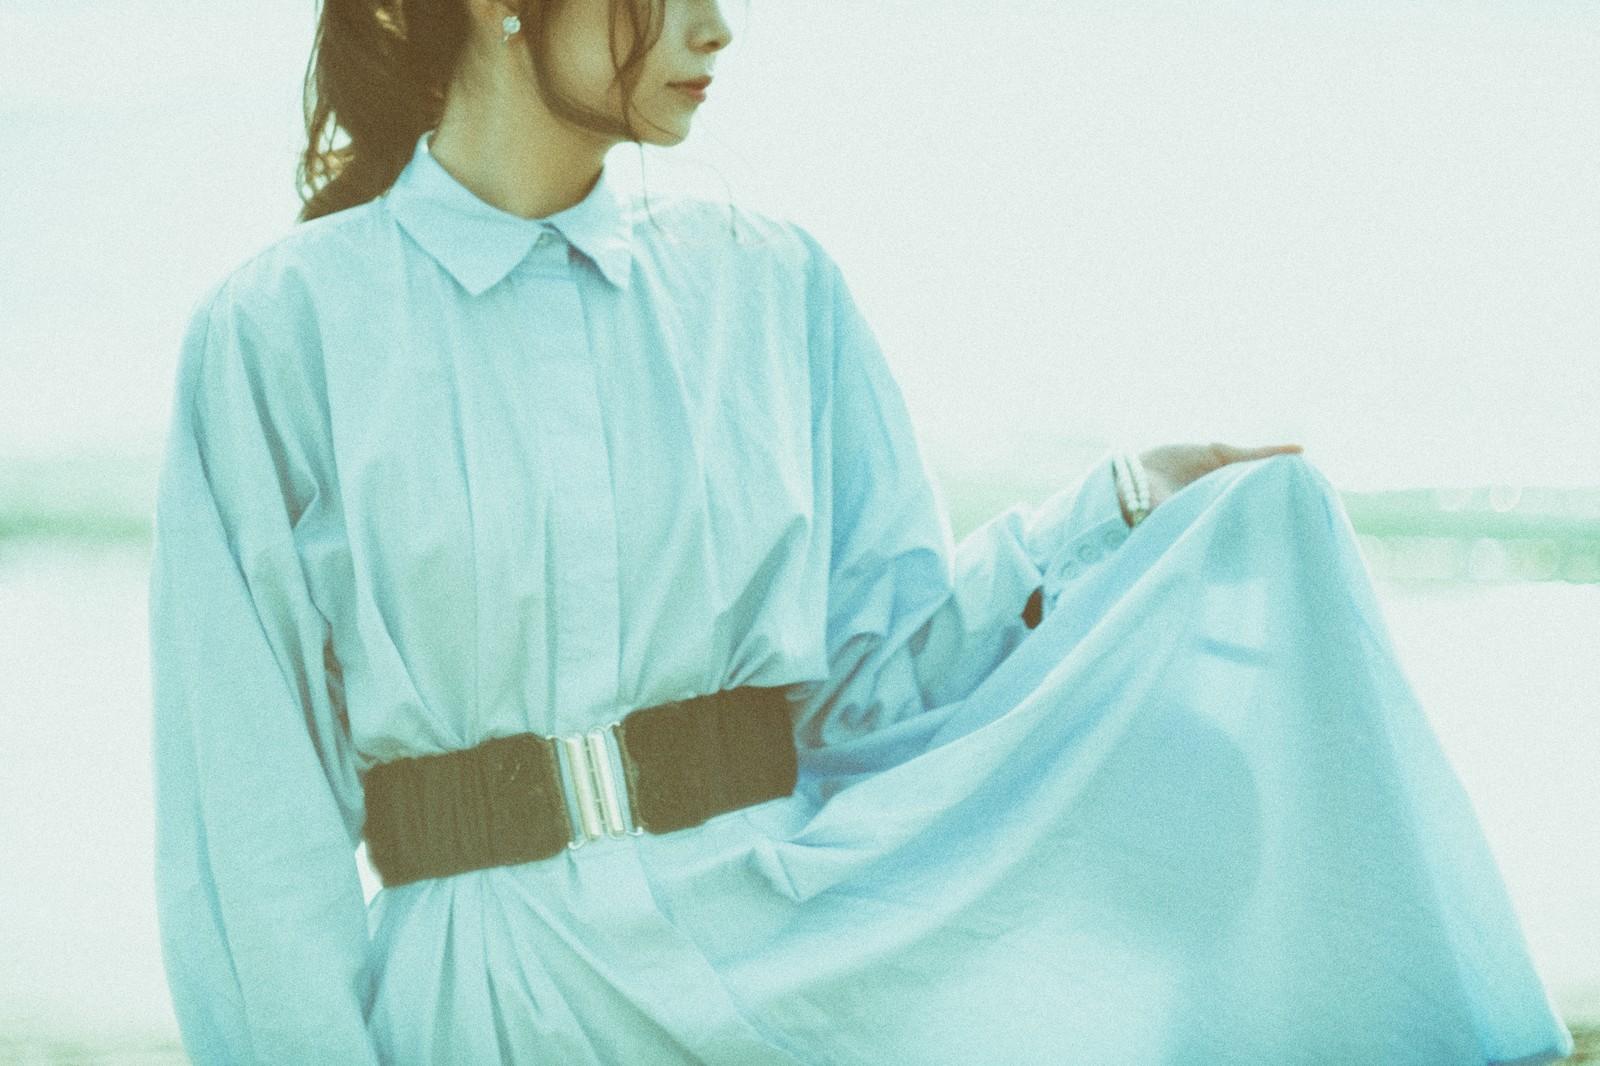 原宿のおすすめ占い&サービス10選:多数のメディアで紹介された占い師も! に「婚活もできる占い館BCAFE(ビーカフェ)渋谷店」をご紹介頂きました♡